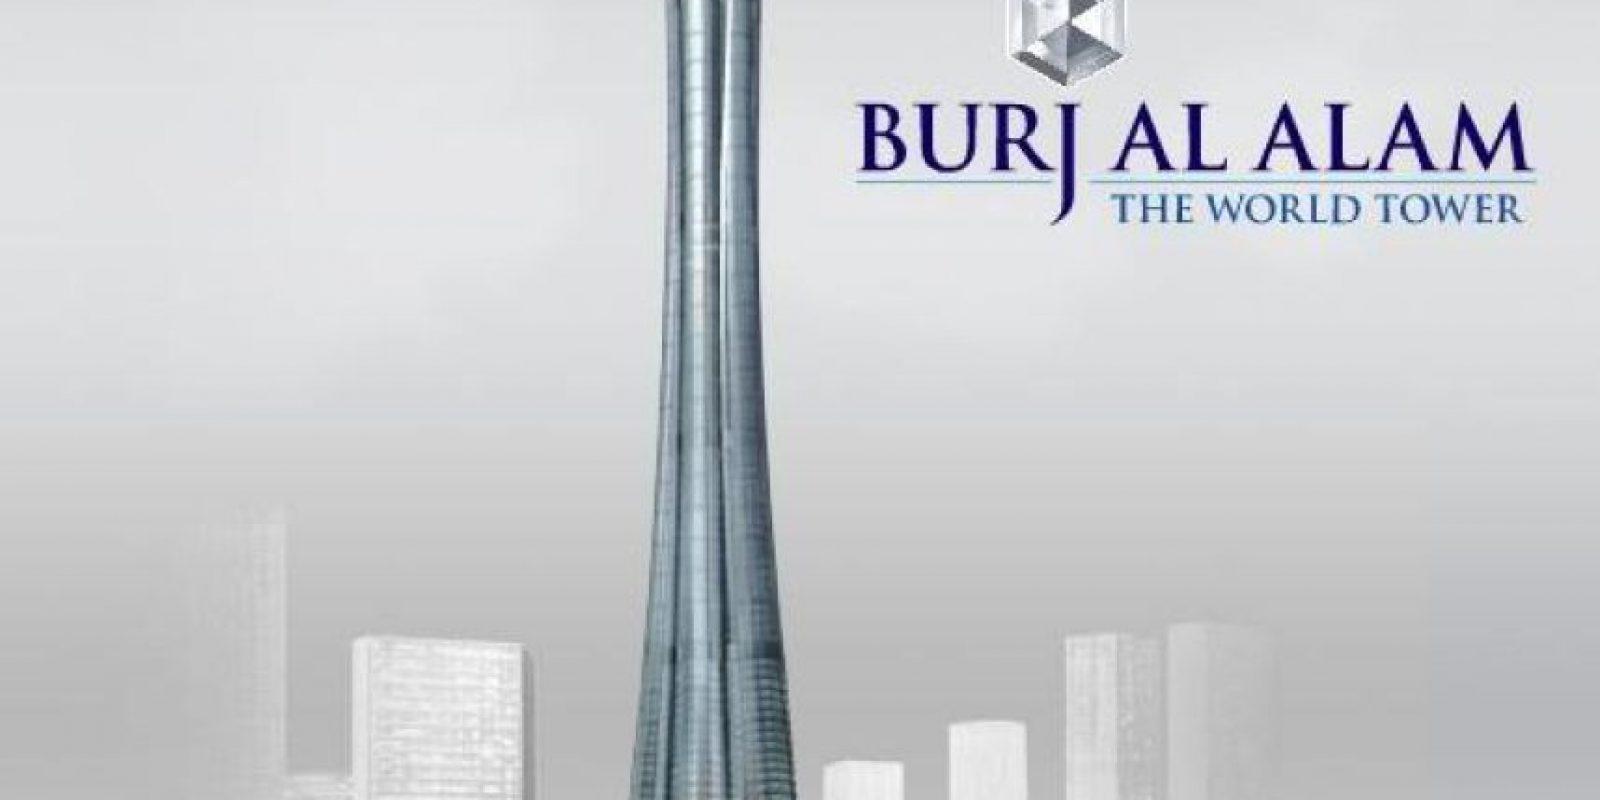 Este edificio se convertiría en uno de los más altos del mundo. Foto:Skyscraper City